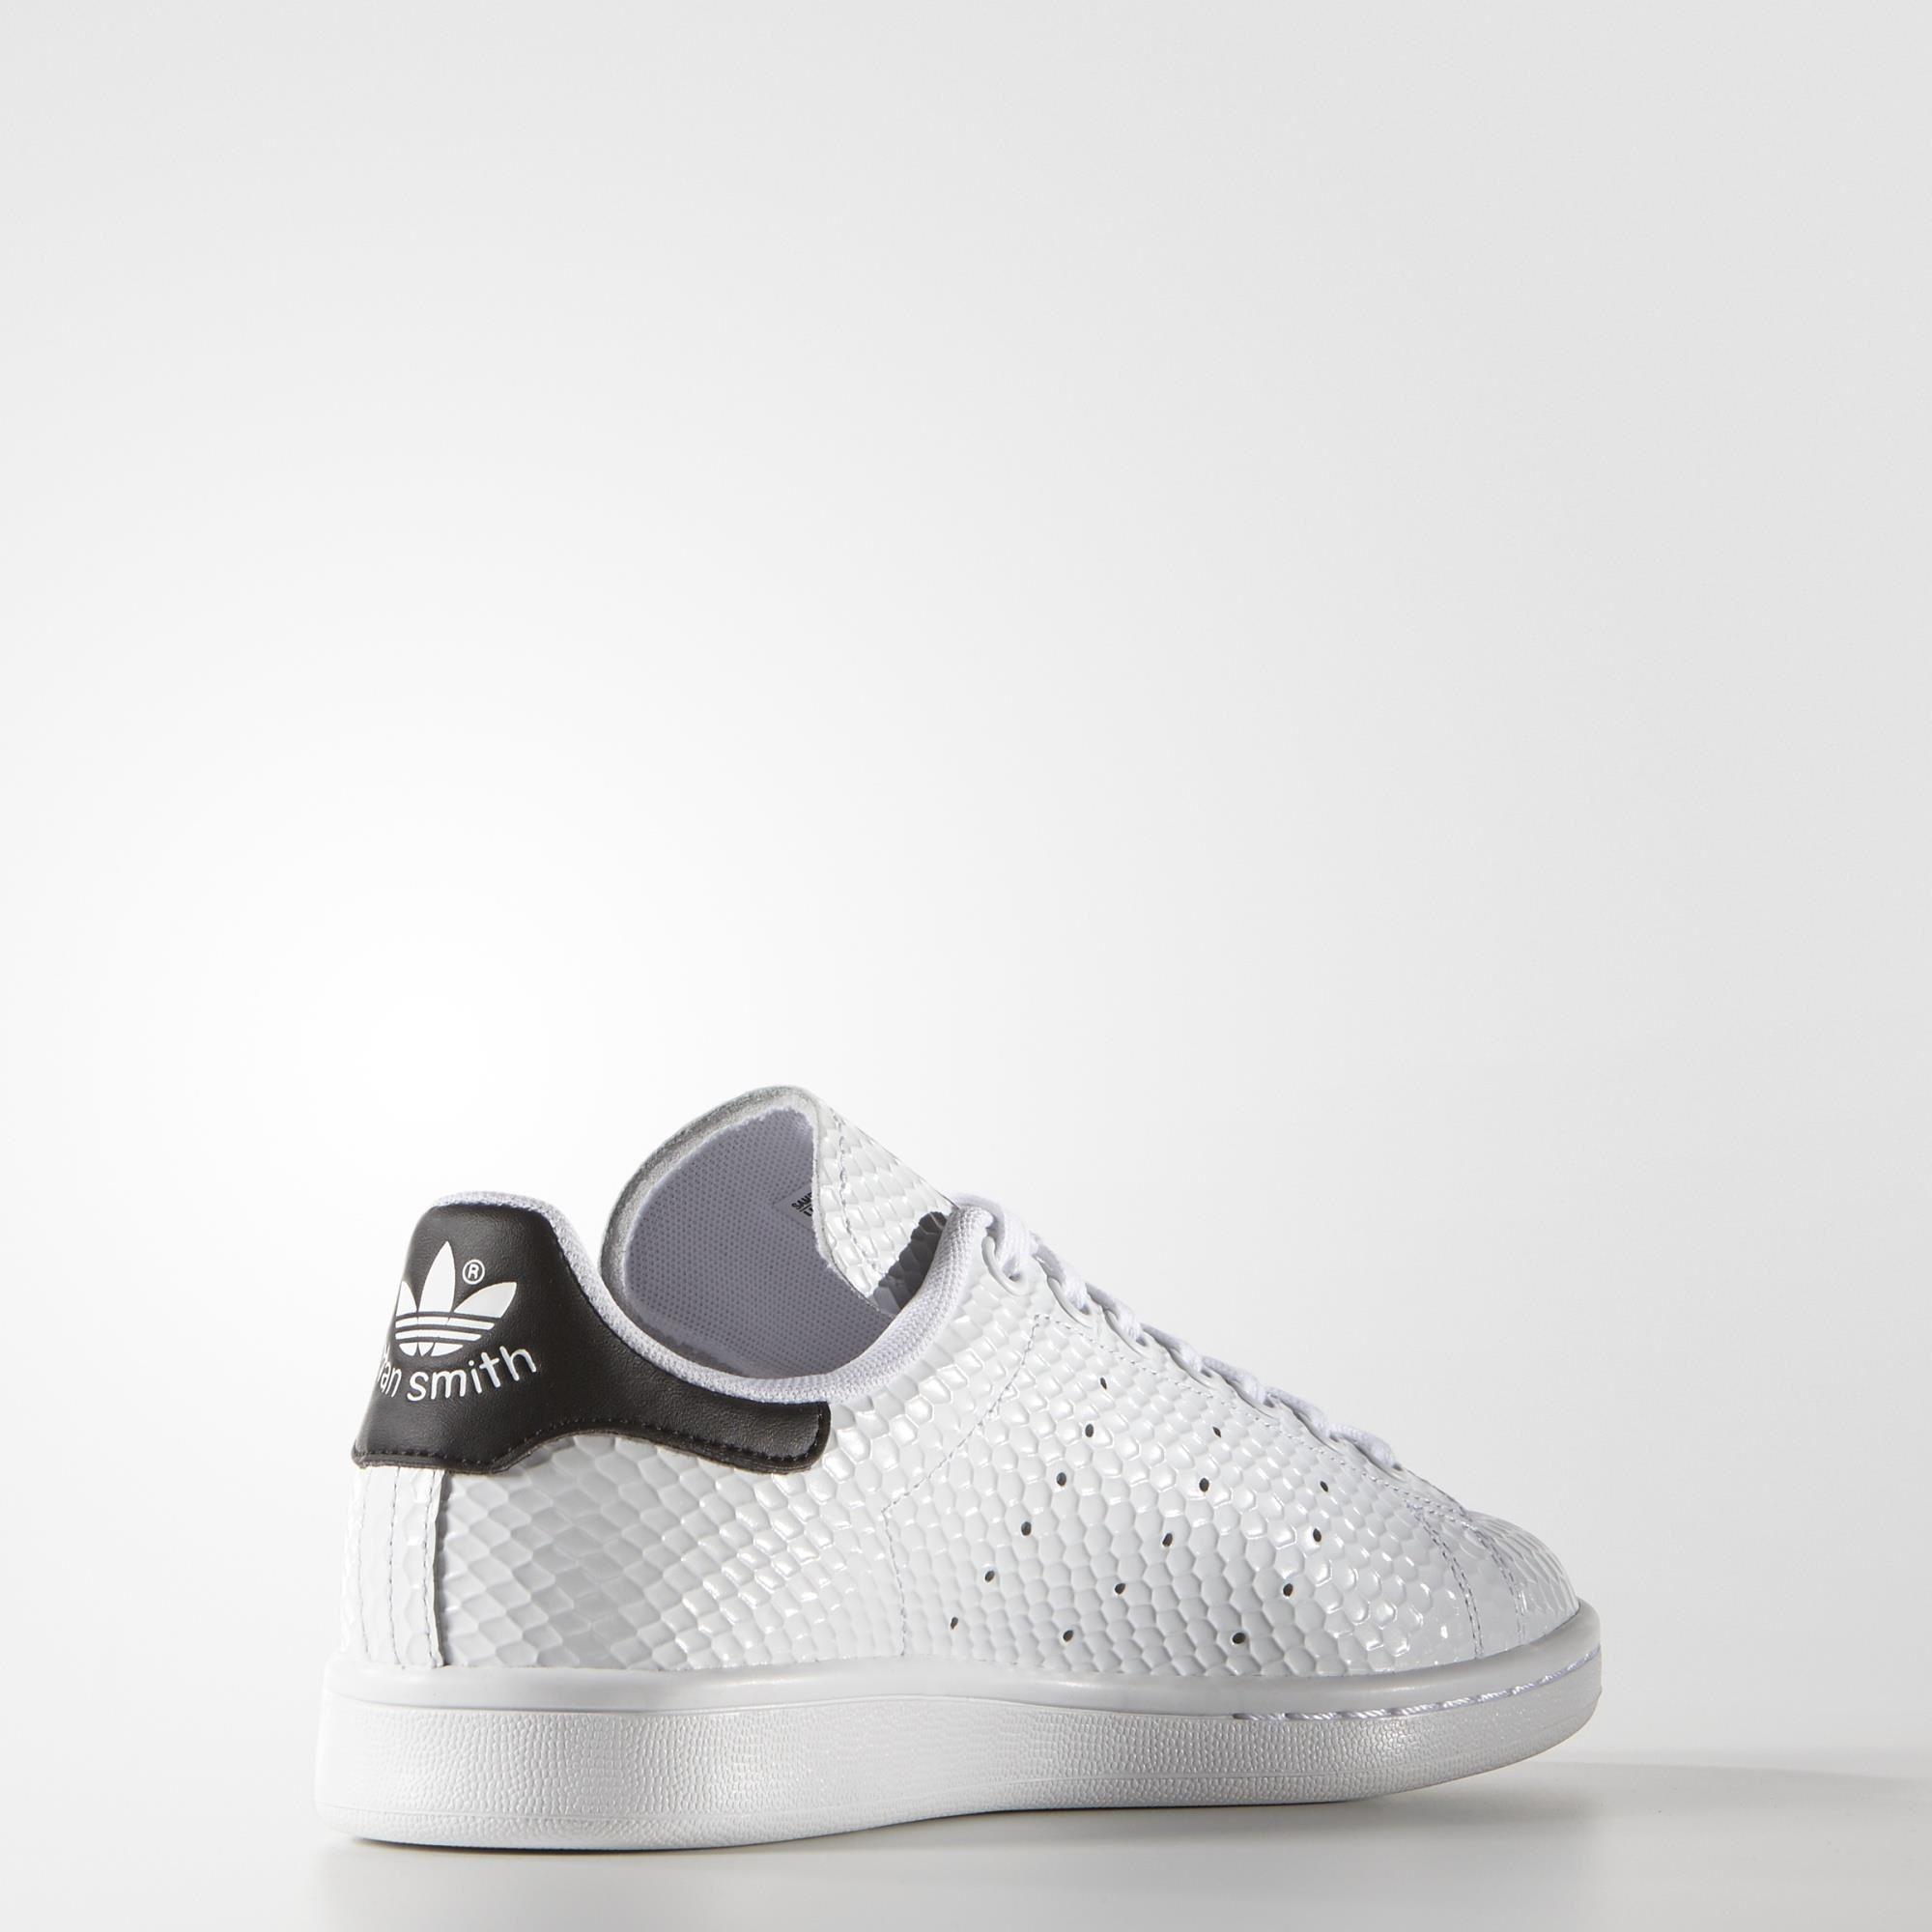 adidas shoes europe